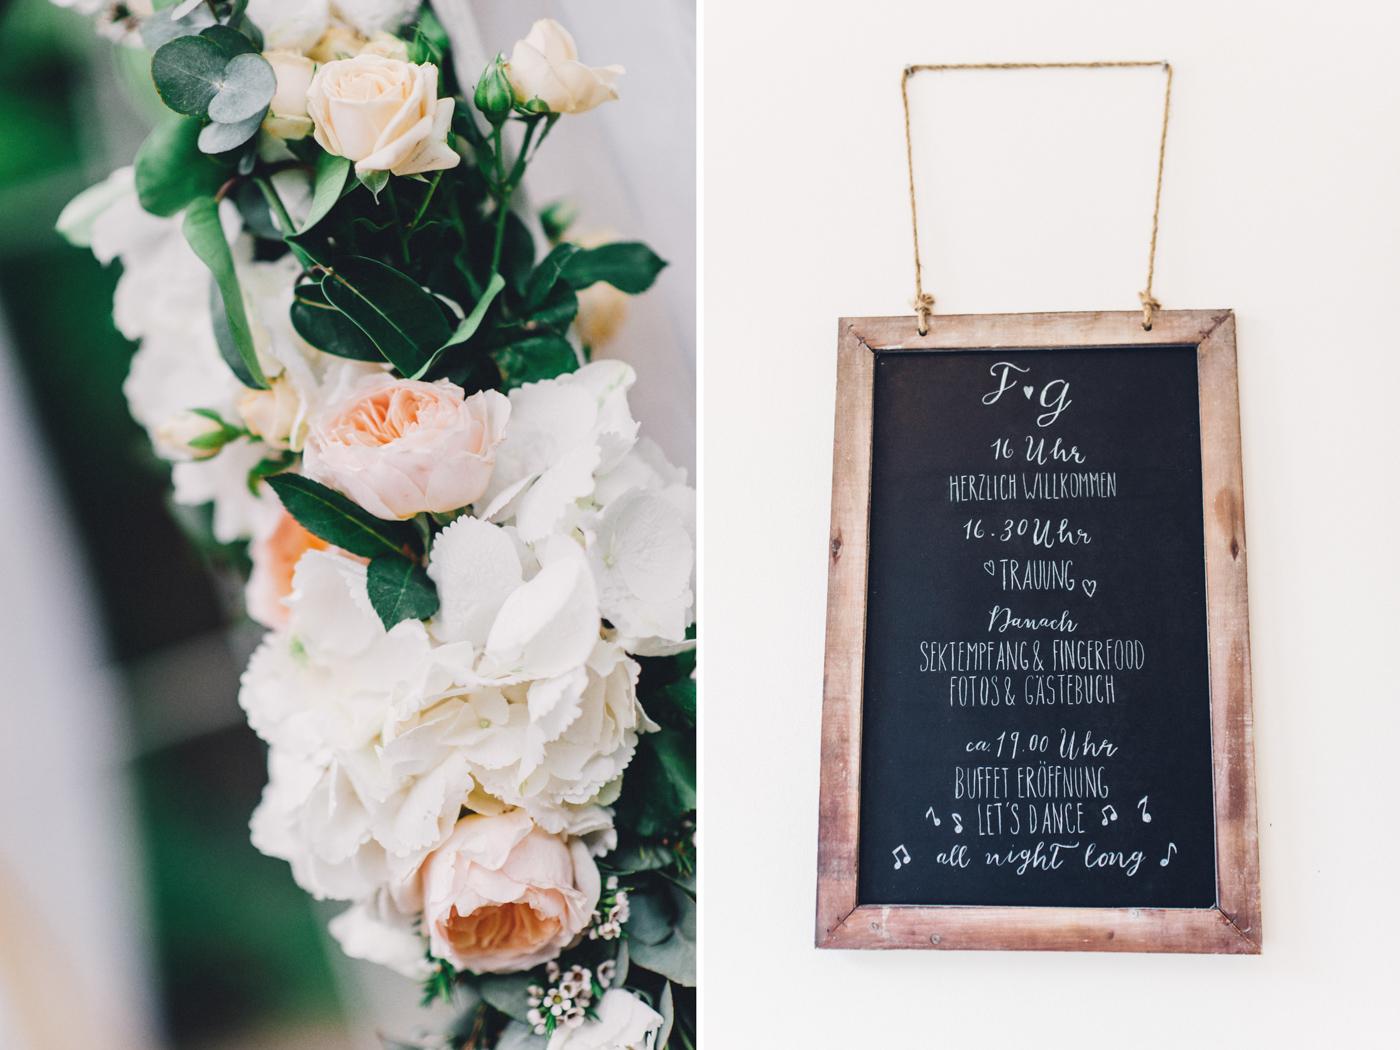 diy-wedding-nothenhof--14